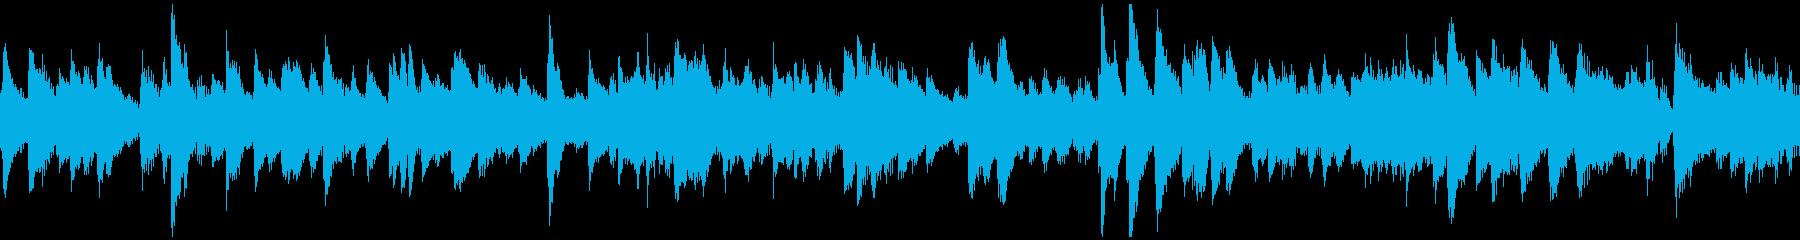 ピアノを備えたイージーリスニングア...の再生済みの波形